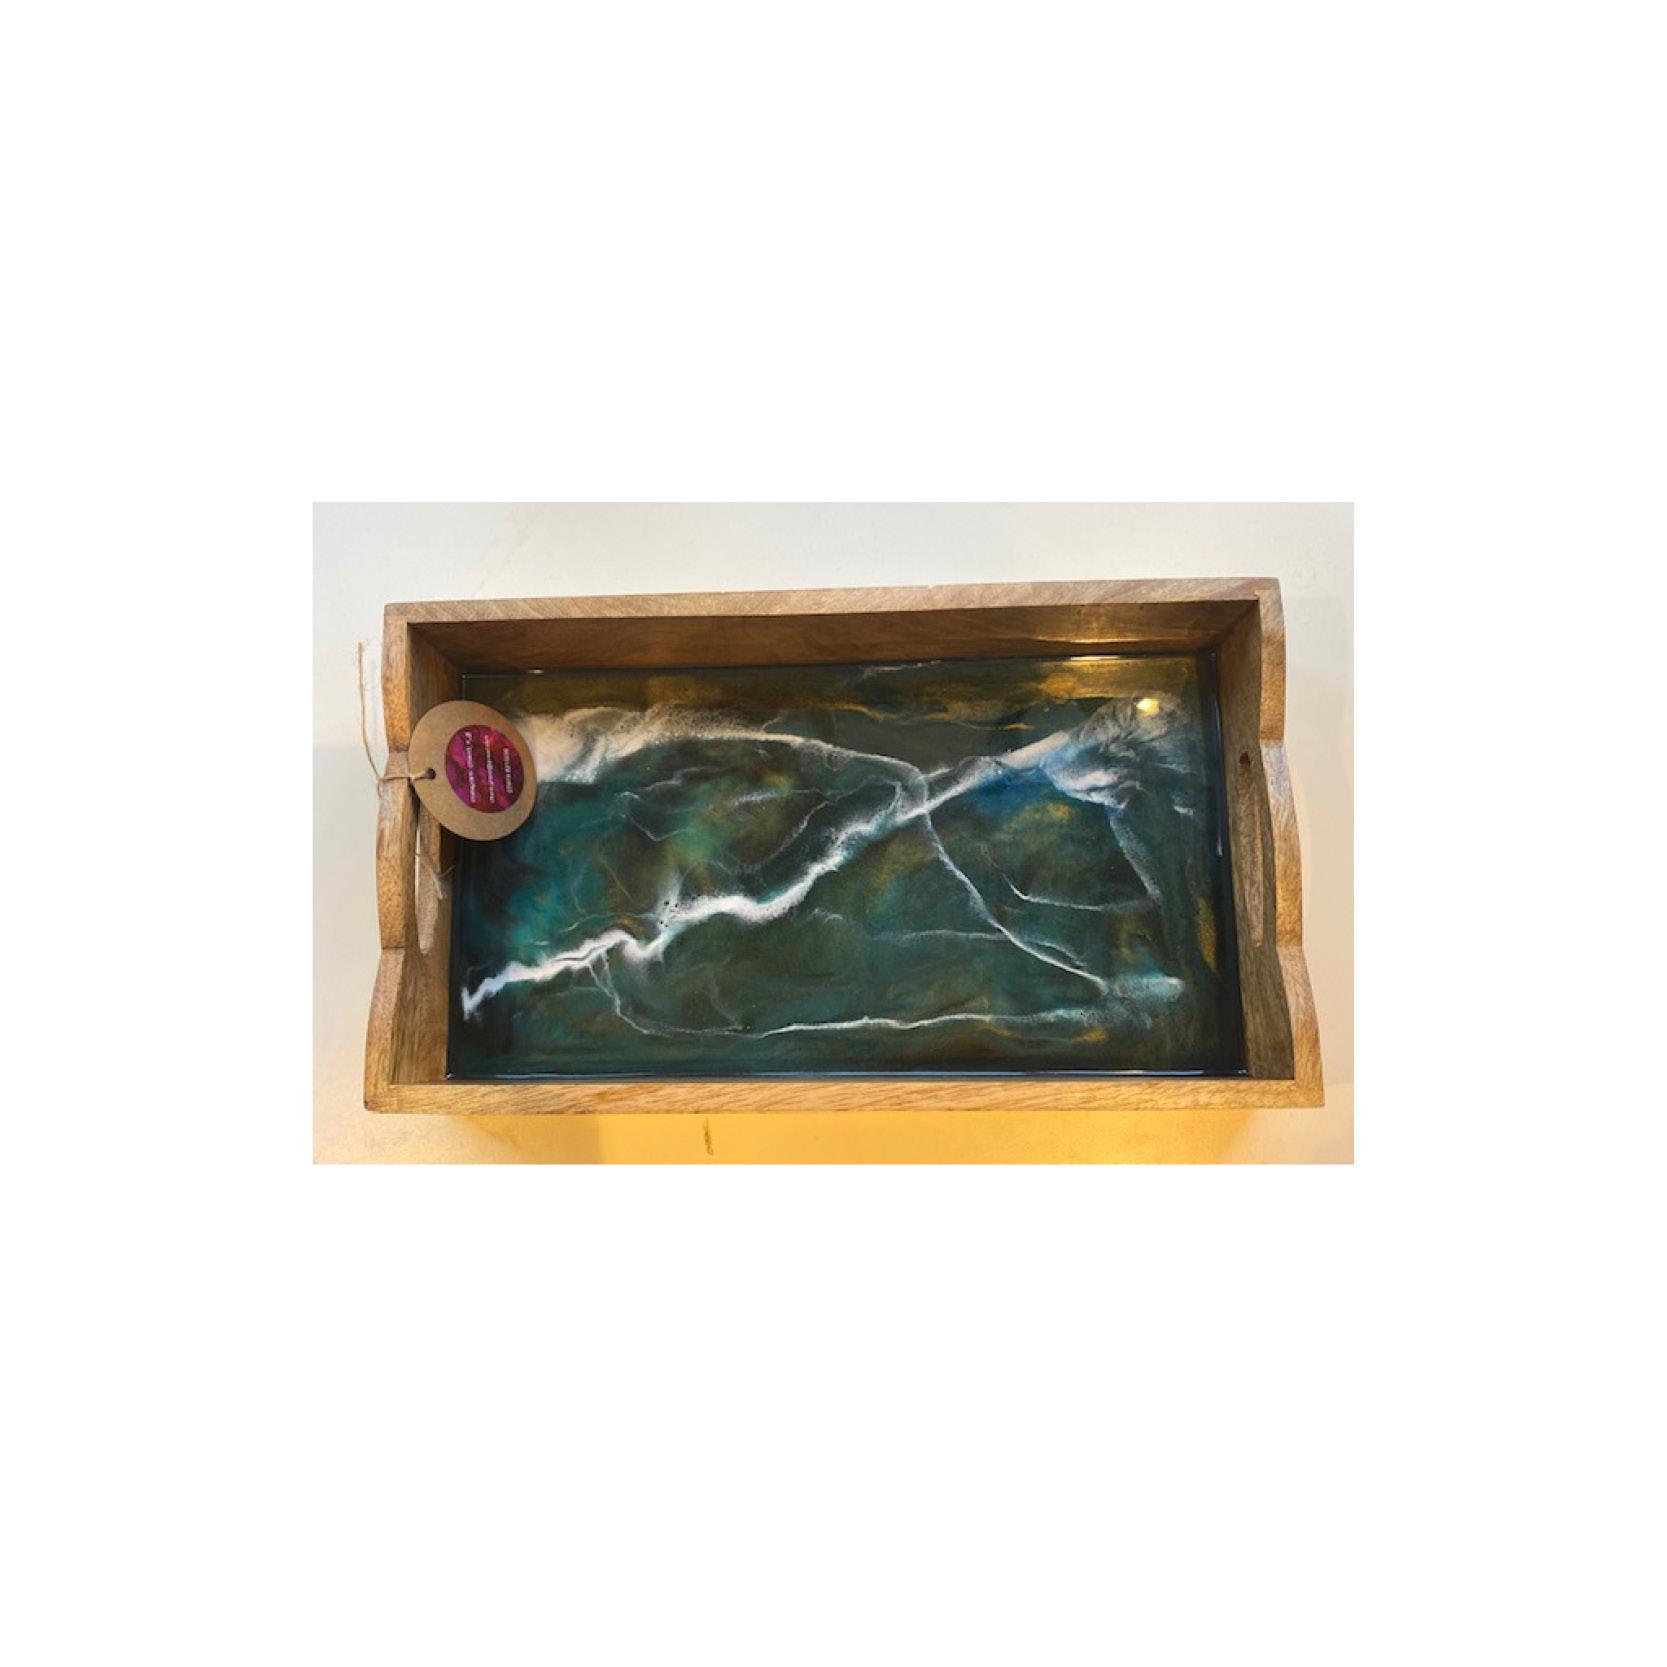 Chantal - Engraved Dark Wood Tray